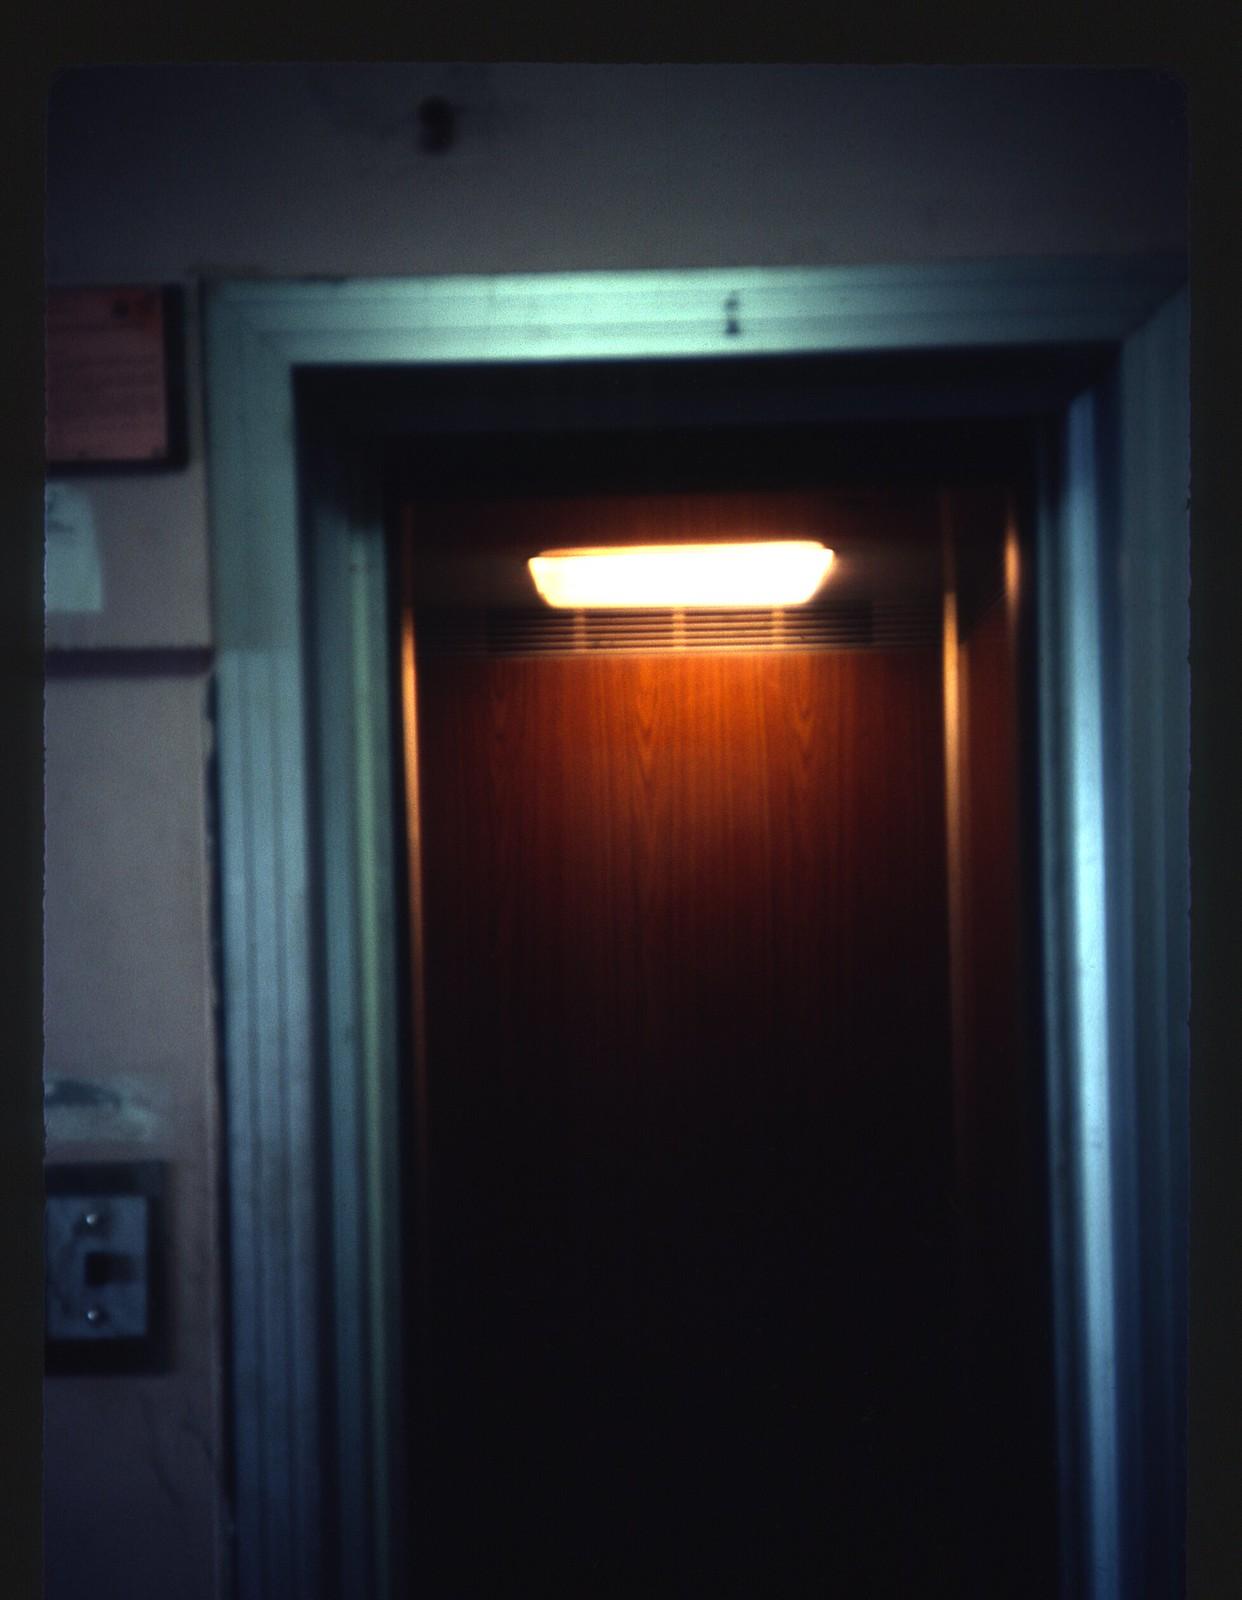 Марьино, 2Б. 16 этаж, вход в вестибюль, малый лифт